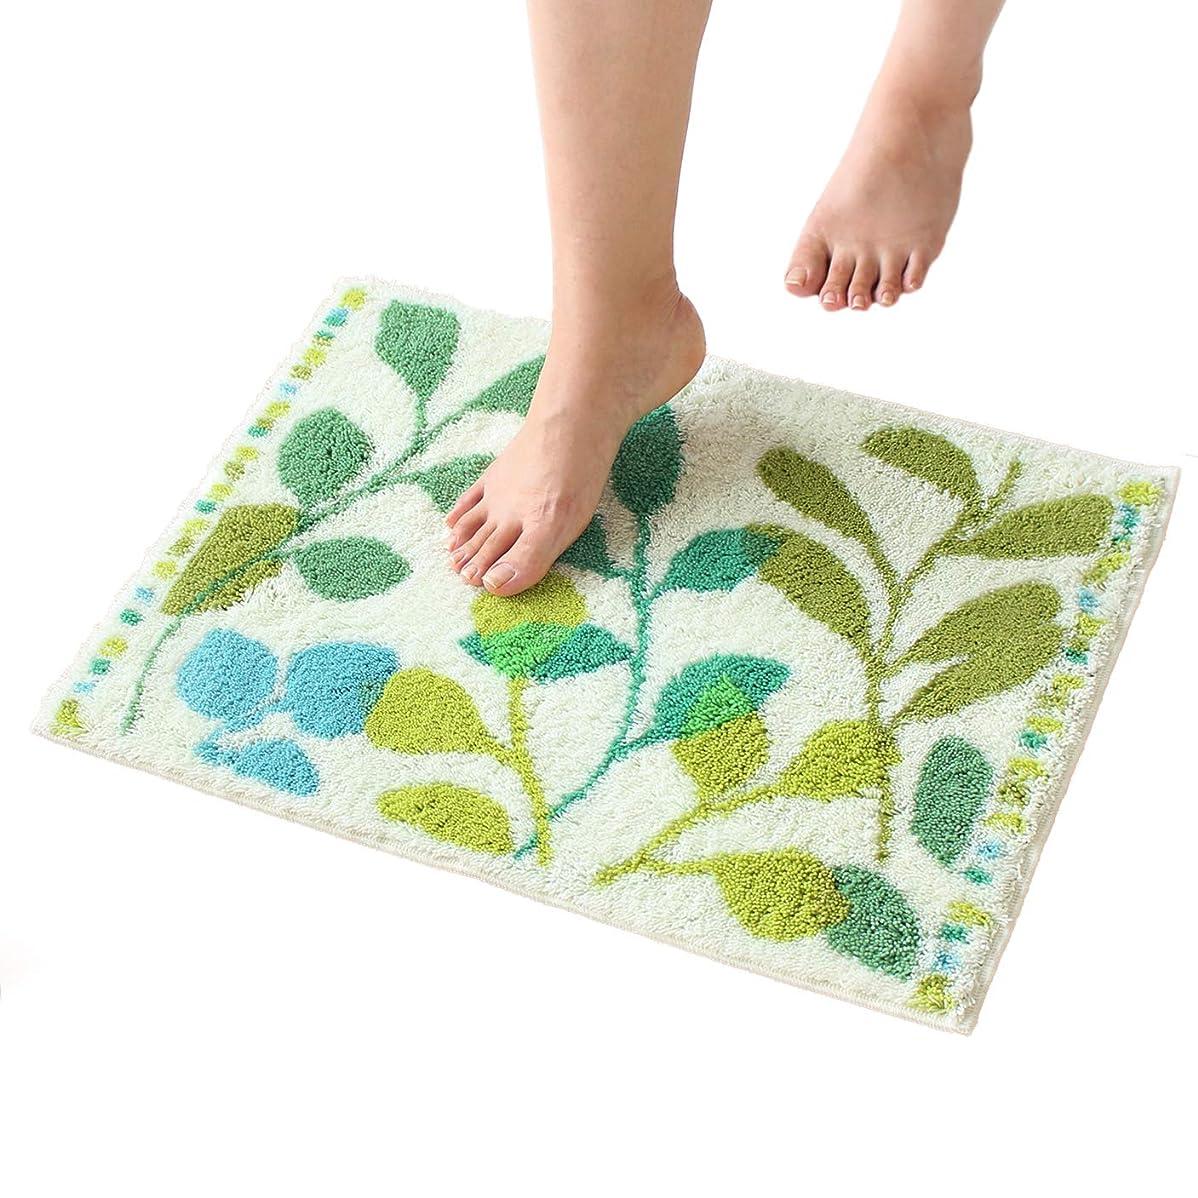 有効化必要としている商業のオカ バスマット プレミアム ウィルトン織り 乾度良好 フィーユ 約40×55cm グリーン 吸水 抗菌 防臭